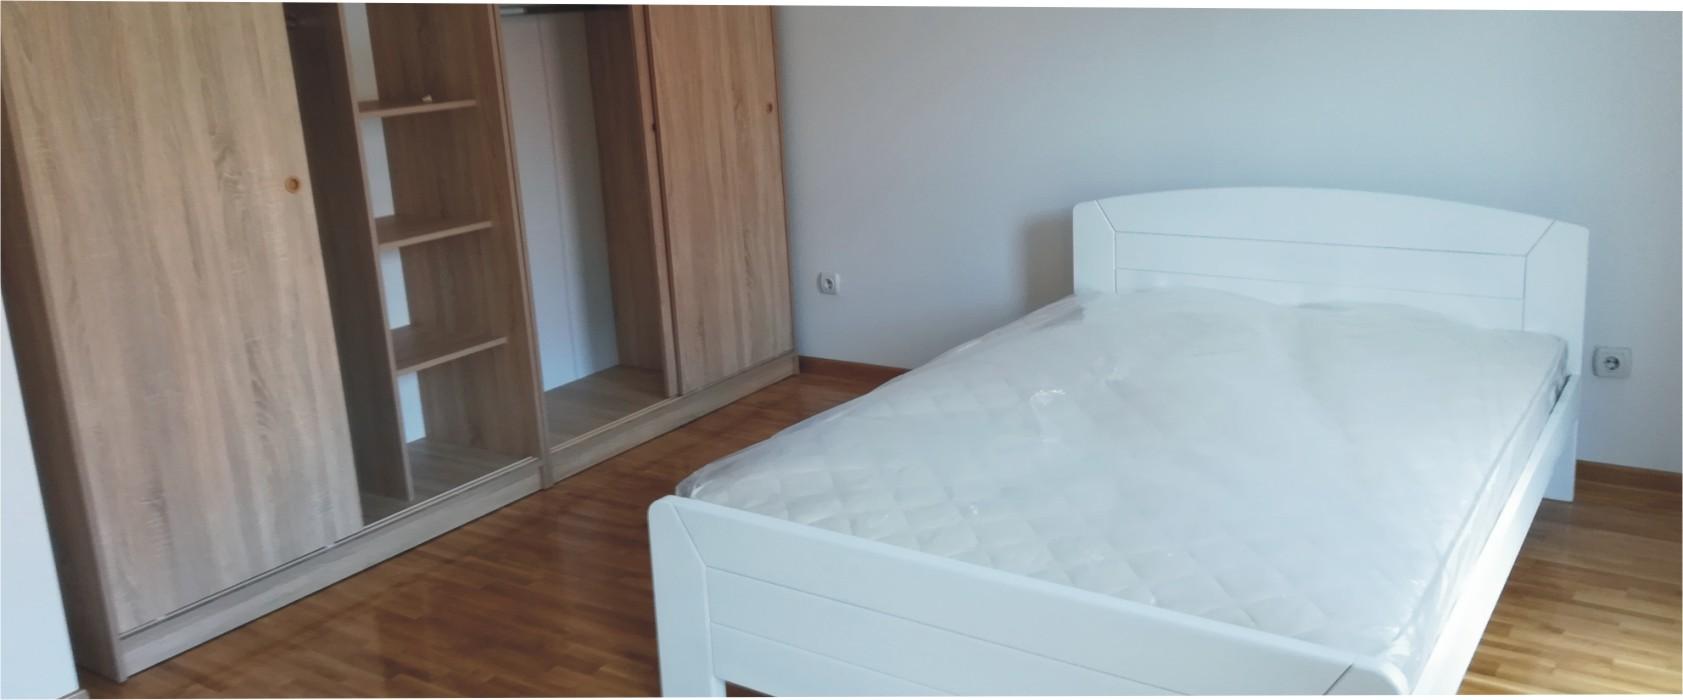 Izdavanje stana 60 m2 I sp, jednoiposoban, Dimitrija Tucovića